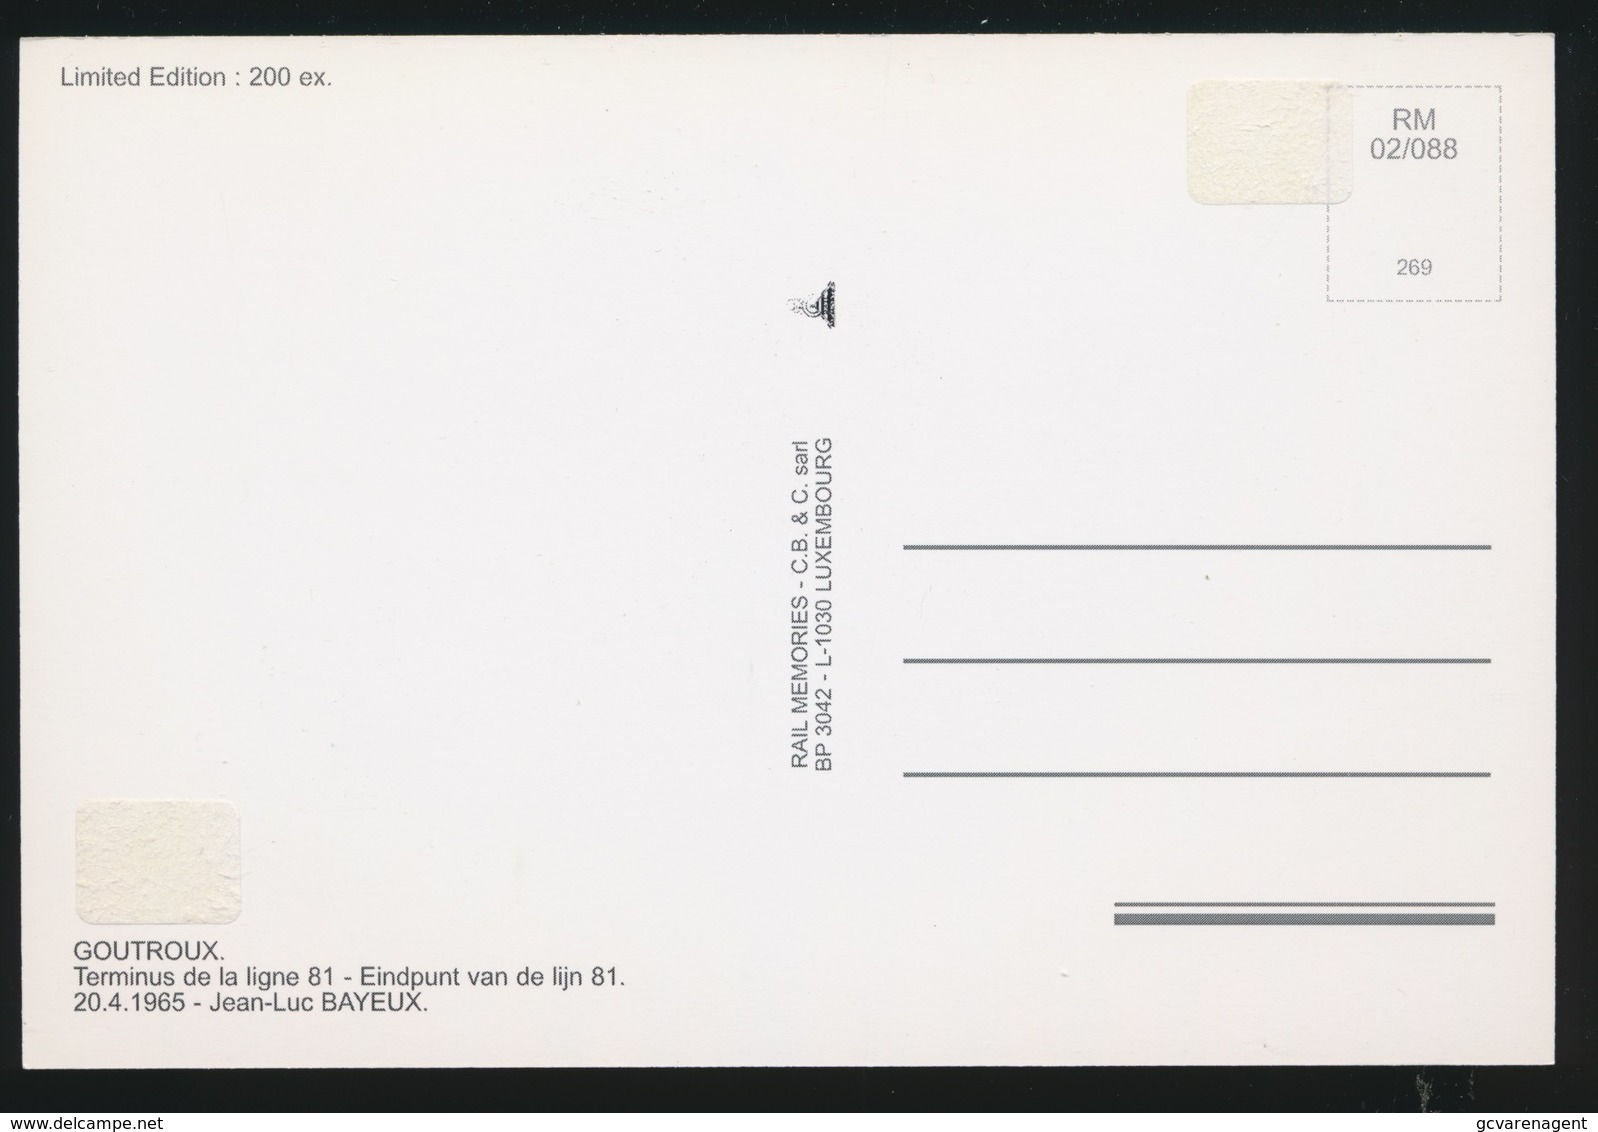 GOUTOUX TERMINUS DE LA LIGNE 81   - LIMITED EDITION 200 EX  1965  - 2 SCANS - Tramways